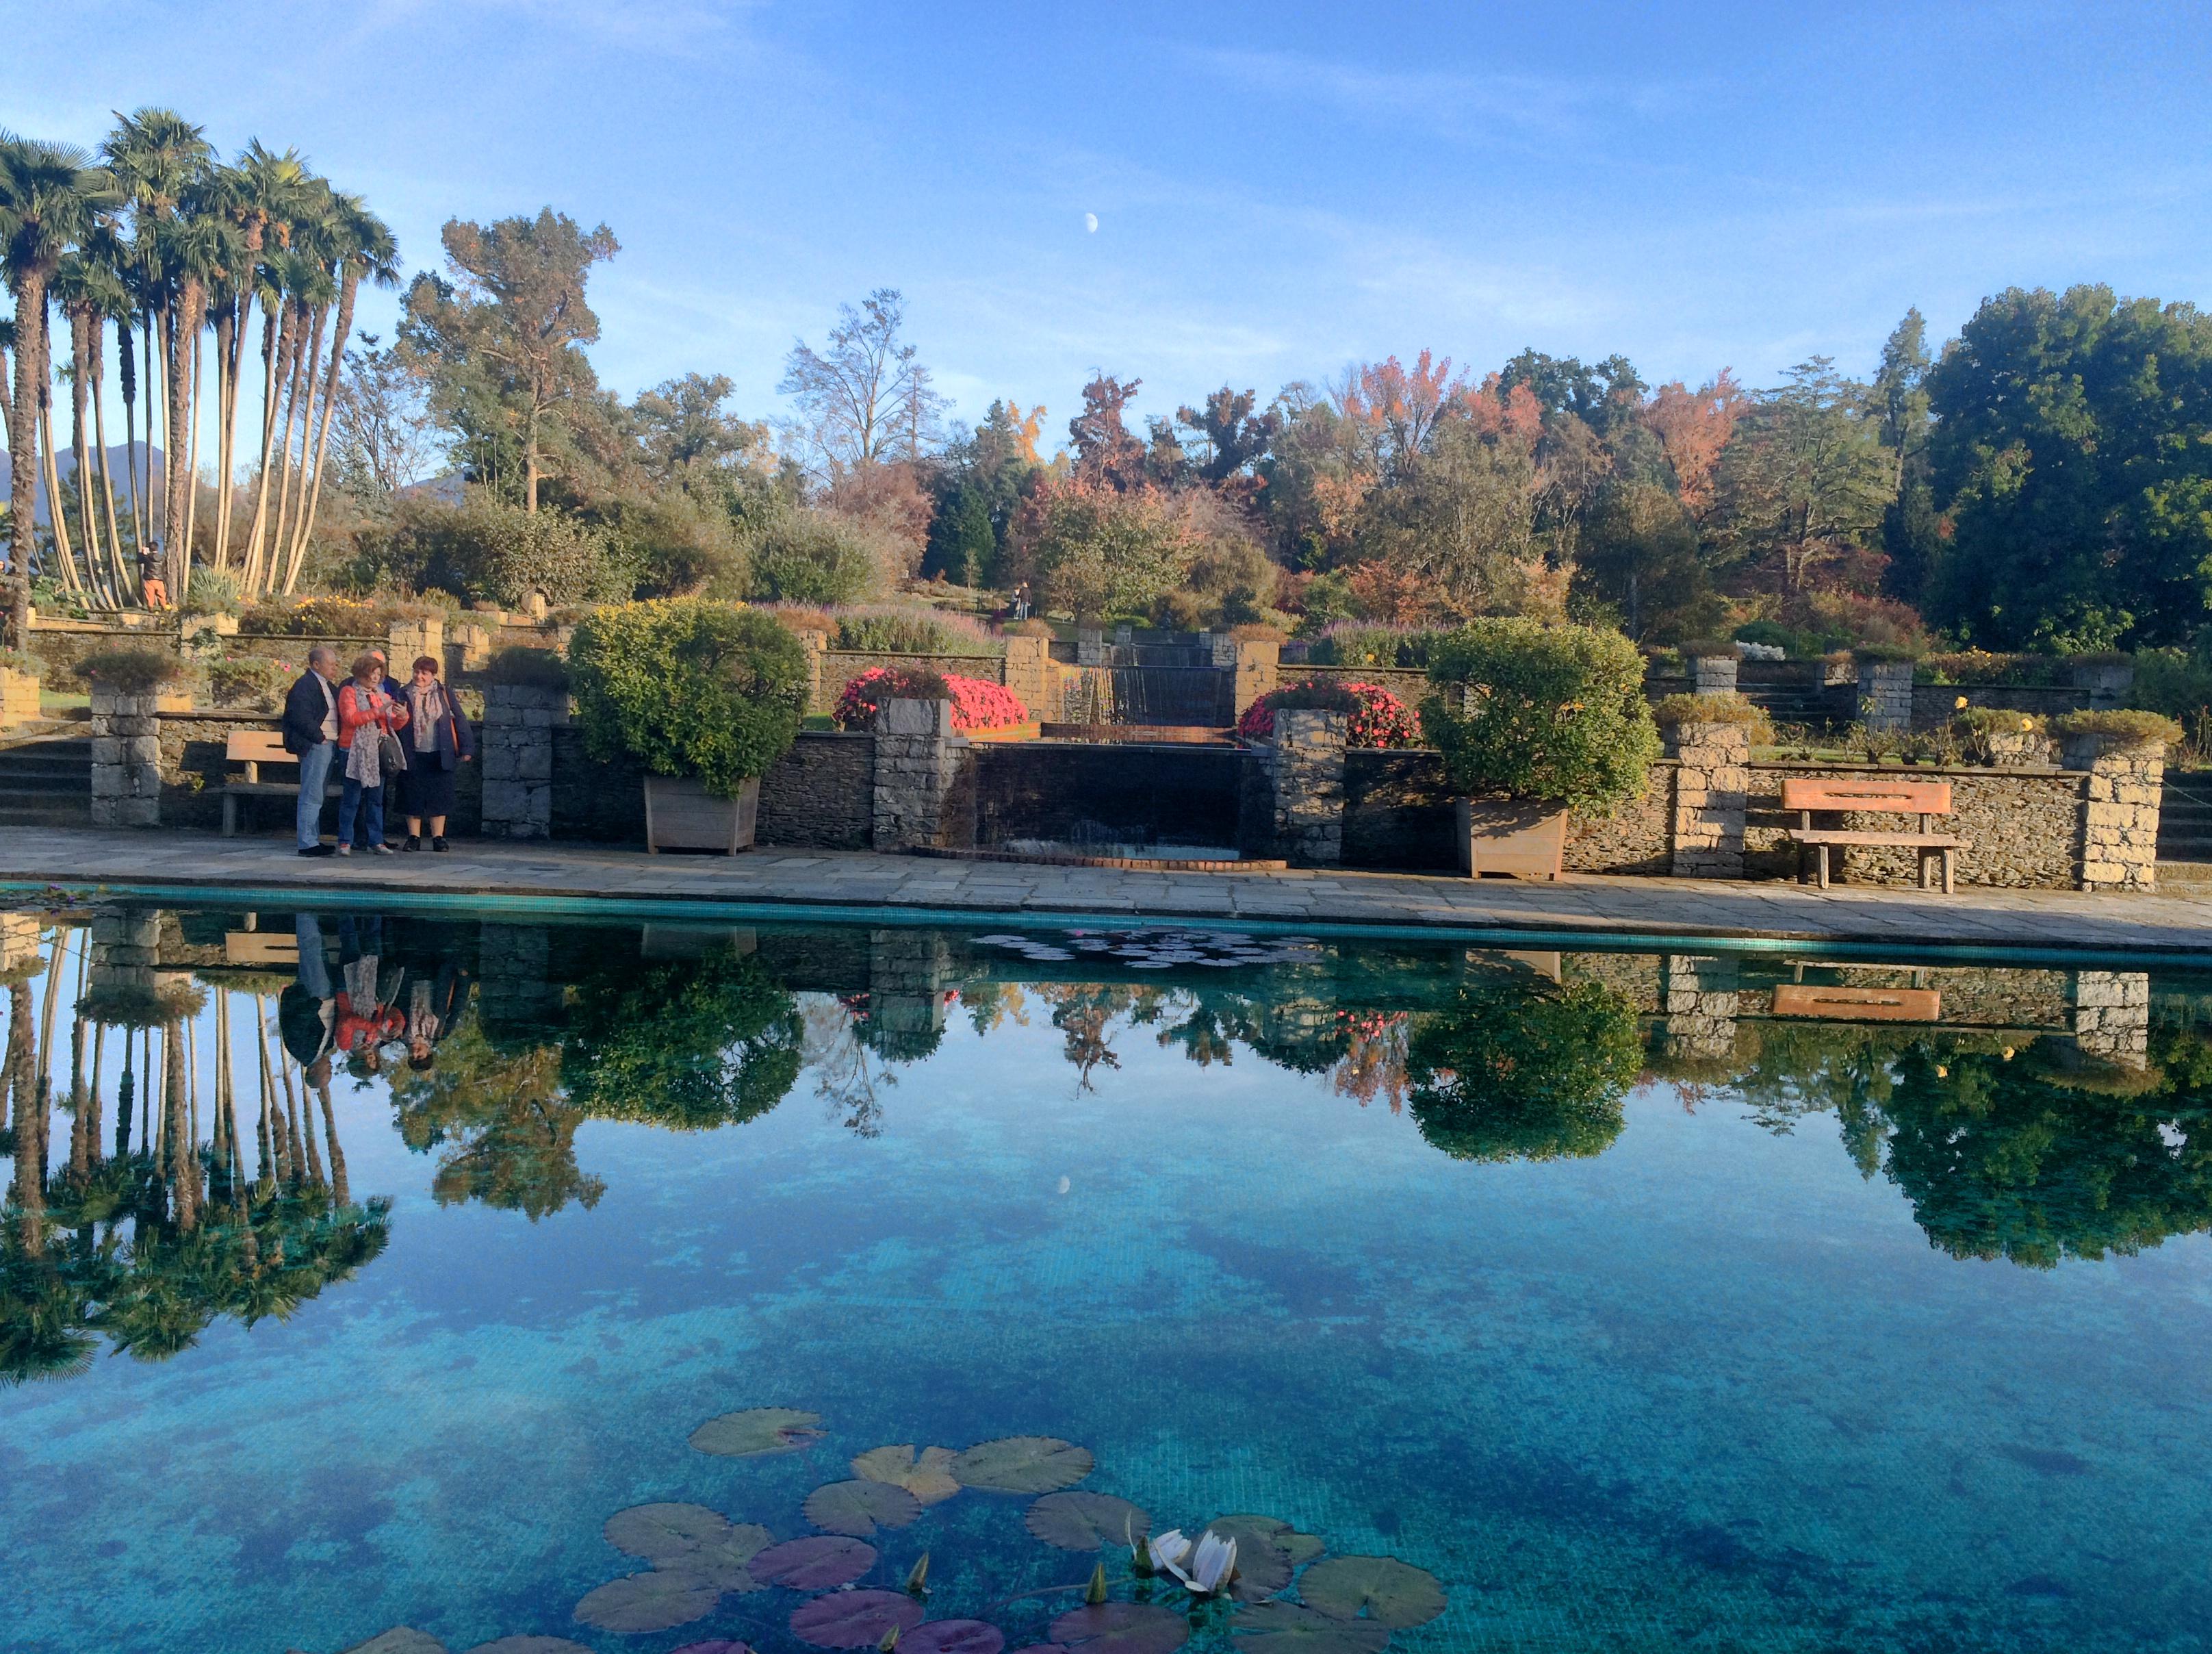 Giardini botanici di Villa Taranto, creati da un viaggiatore